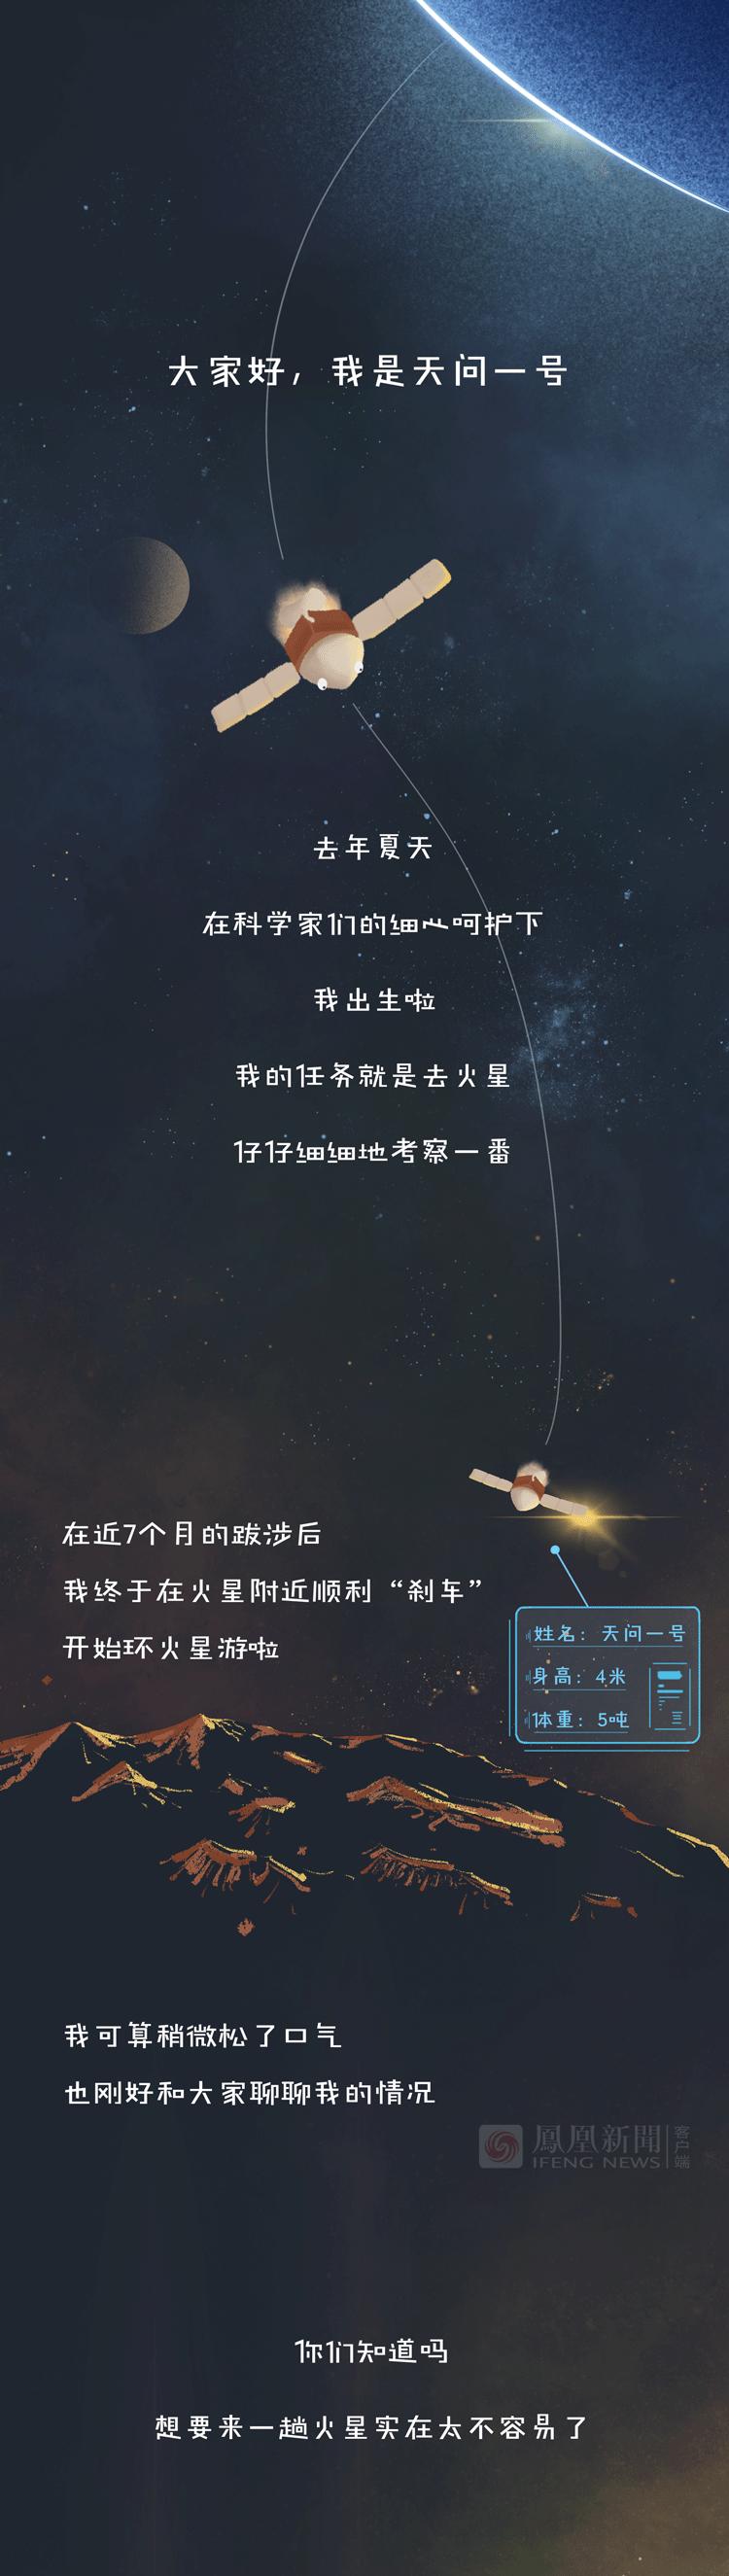 杜文婷_钱其琛简介_百合韩国三圾片大全电影